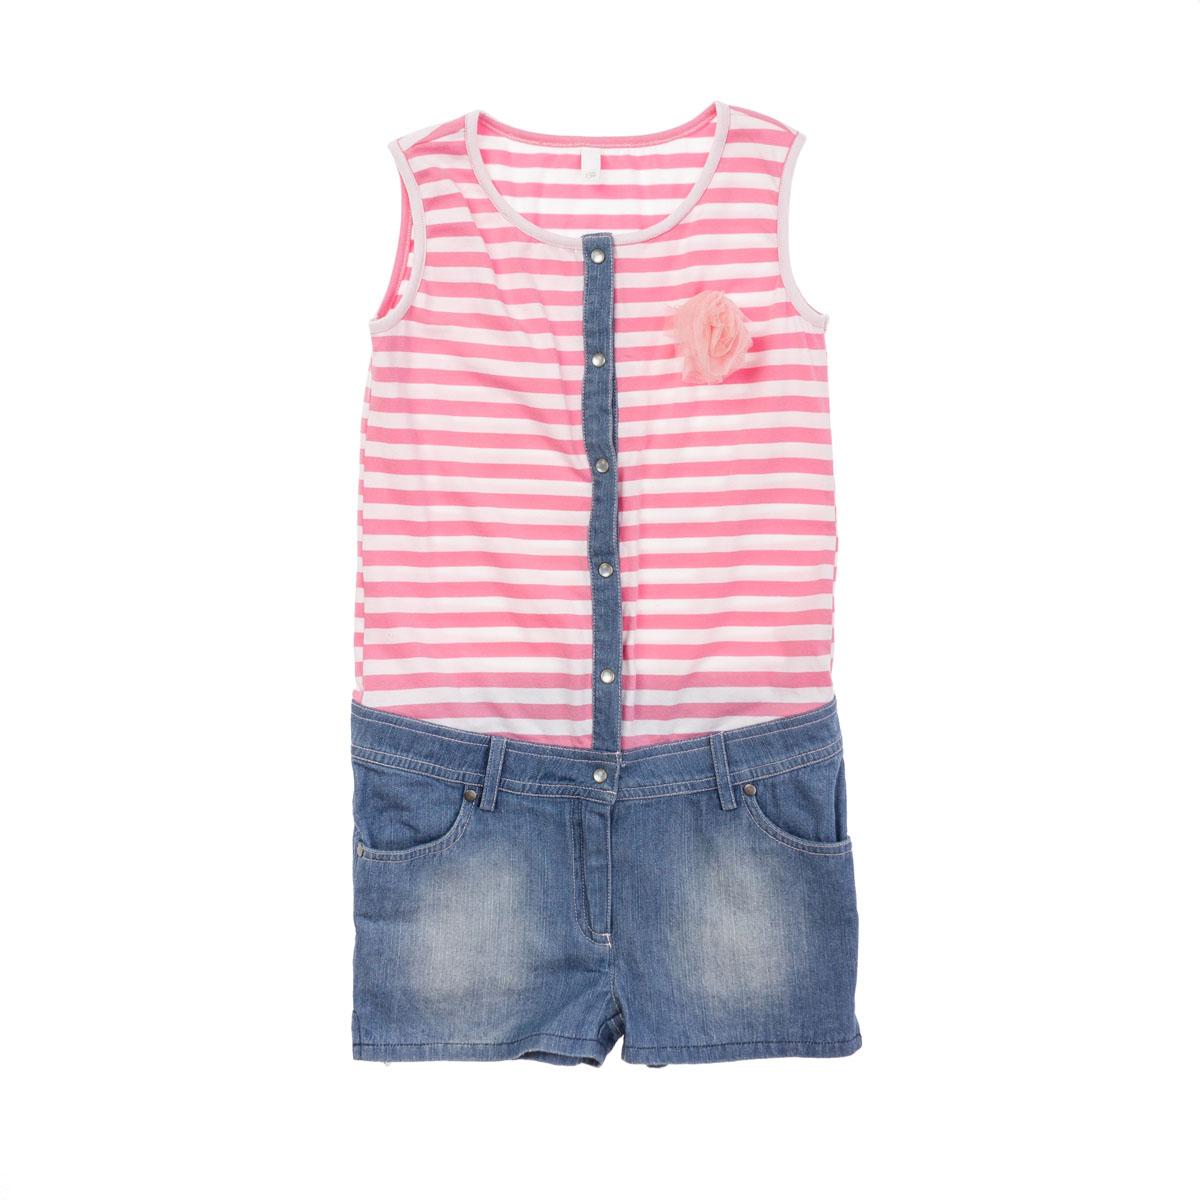 Полукомбинезон для девочек. 264006264006Стильный полукомбинезон. Выглядит как майка с джинсовыми шортами, но намного удобнее. Застегивается на перламутровые пуговки, шорты - на молнию и пуговку. Есть 4 кармашка и петельки для ремня.